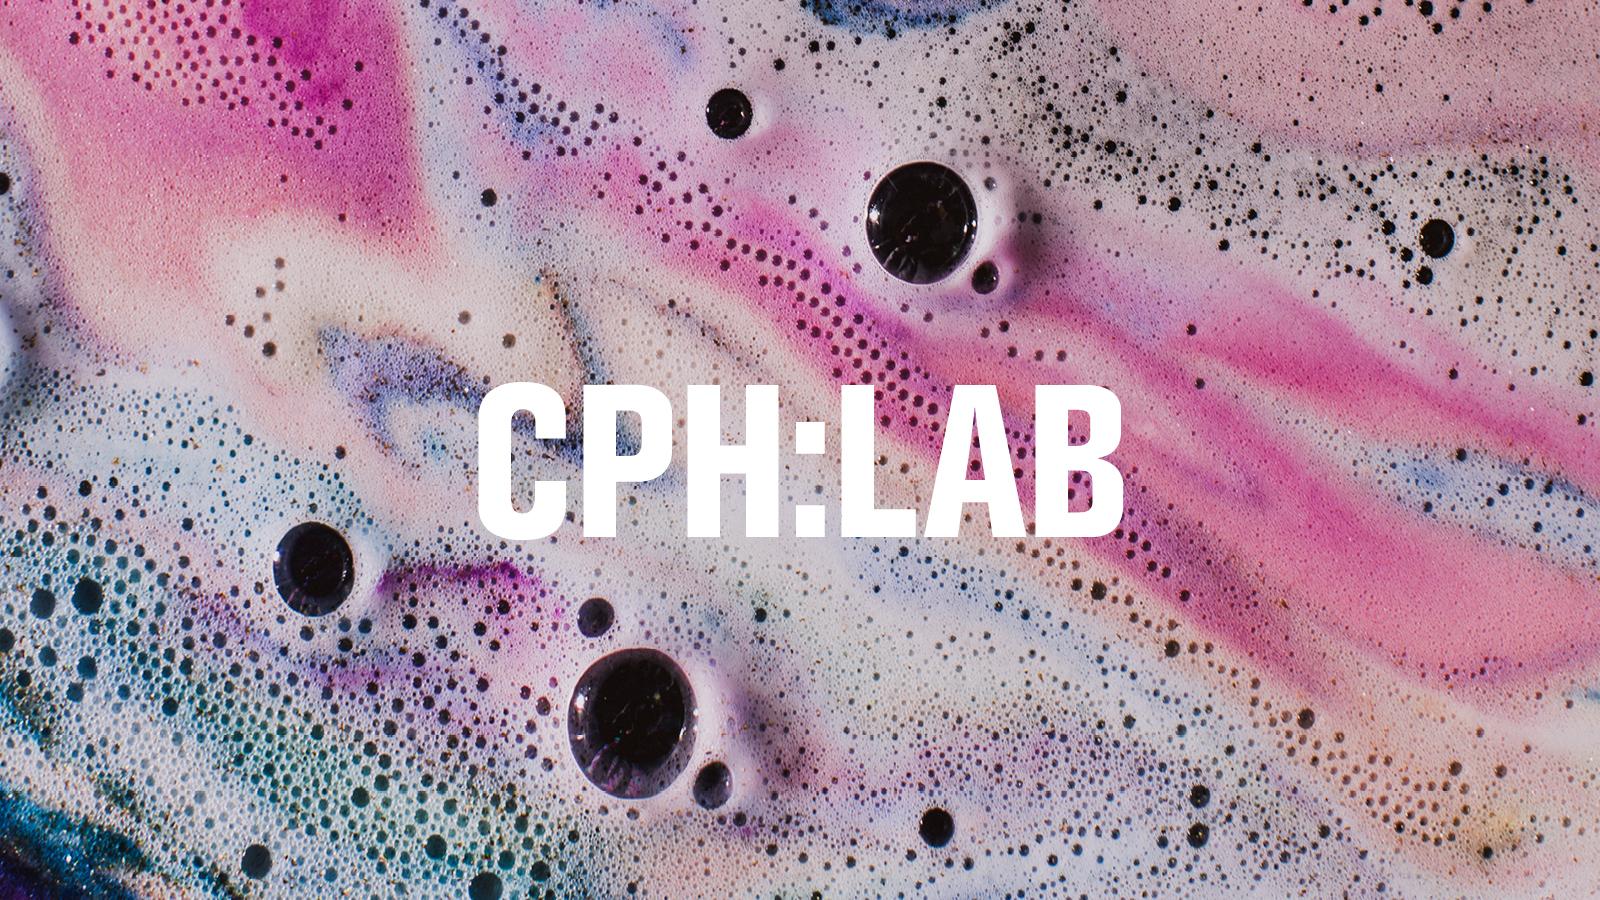 CPH:LAB